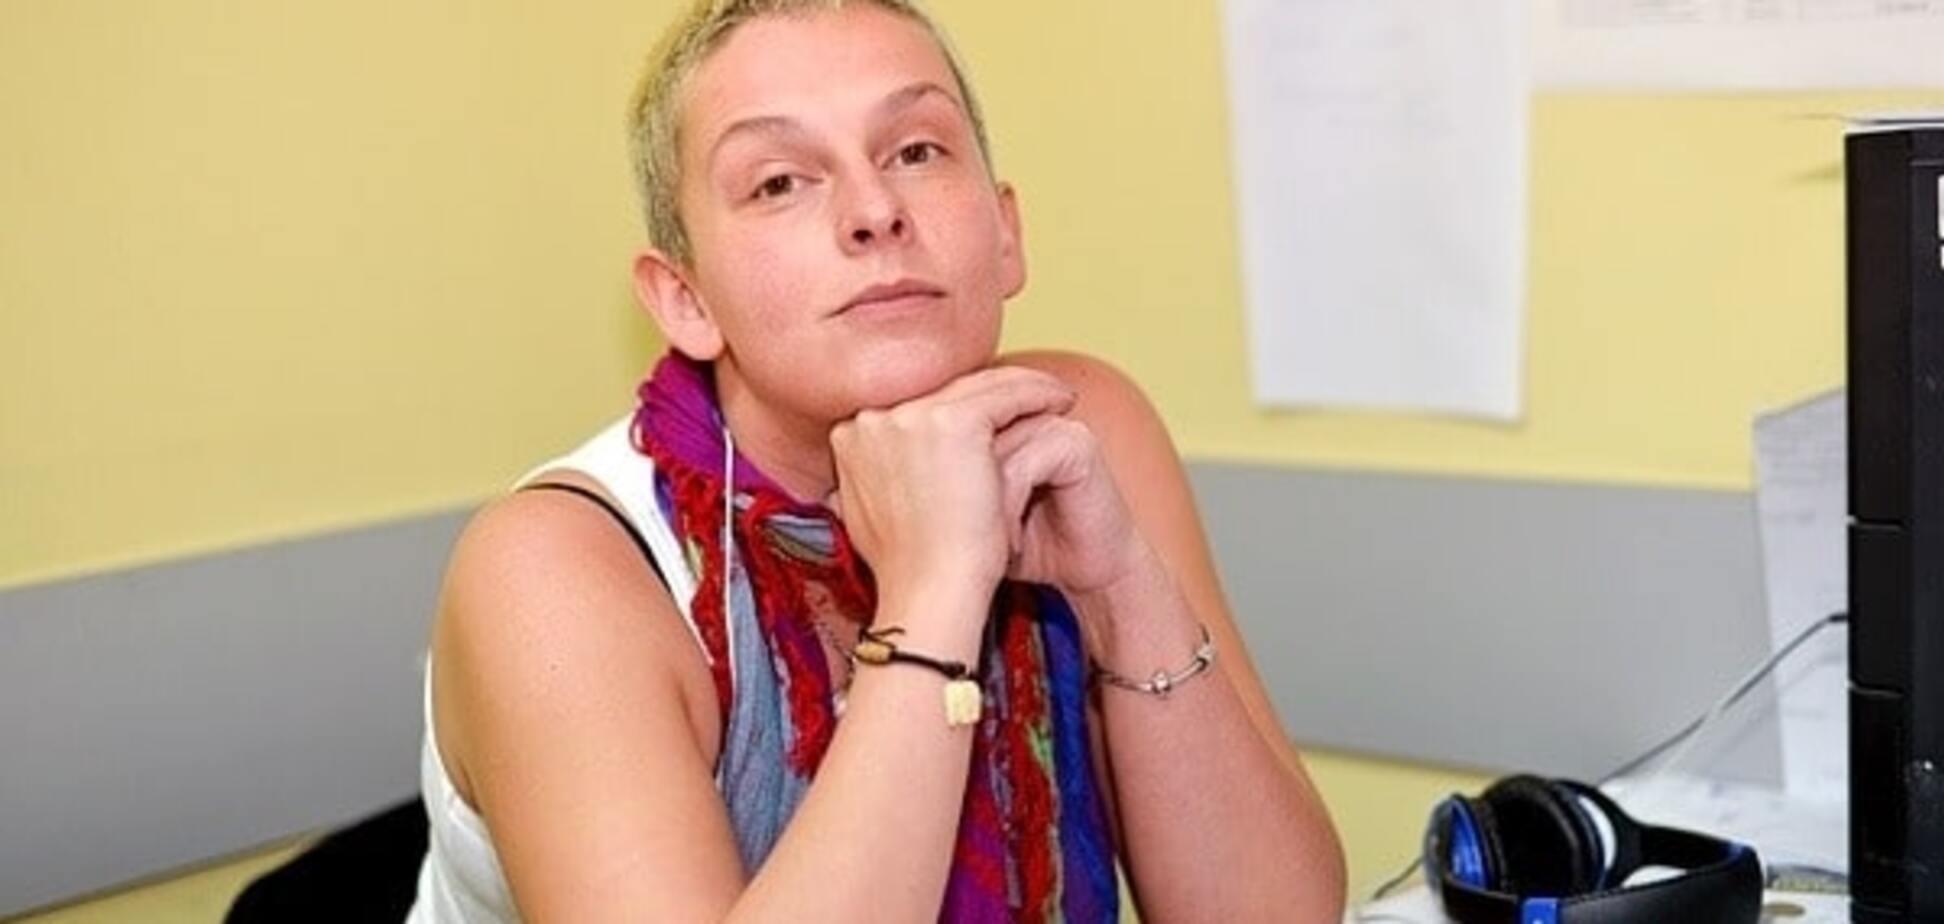 Не ищите симпатий к украинскому: журналист оценил личность Столяровой из 'Интера'